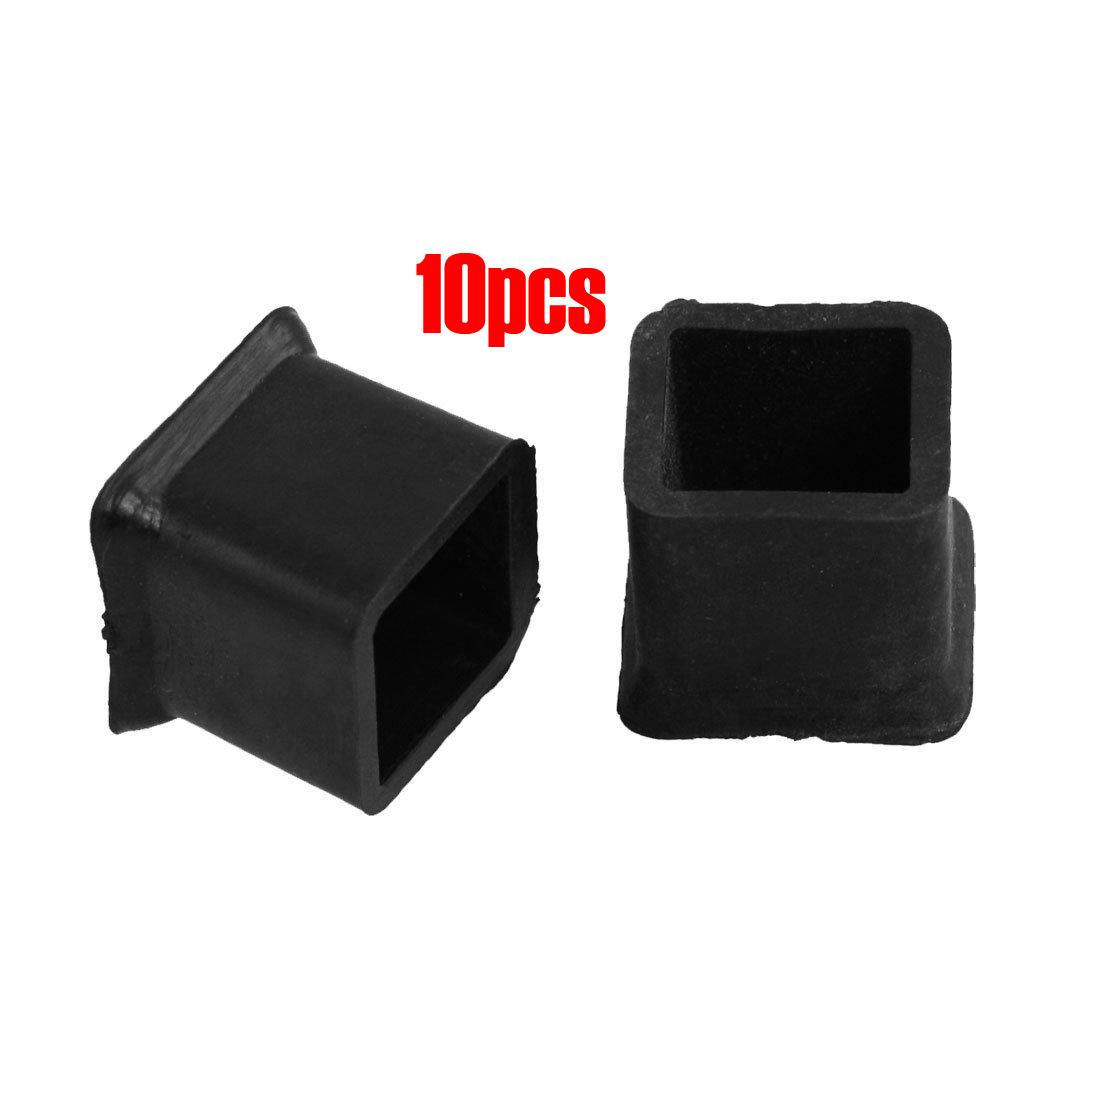 5x 10 x cubierta protector de goma para pata muebles silla - Protector de suelo para sillas ...